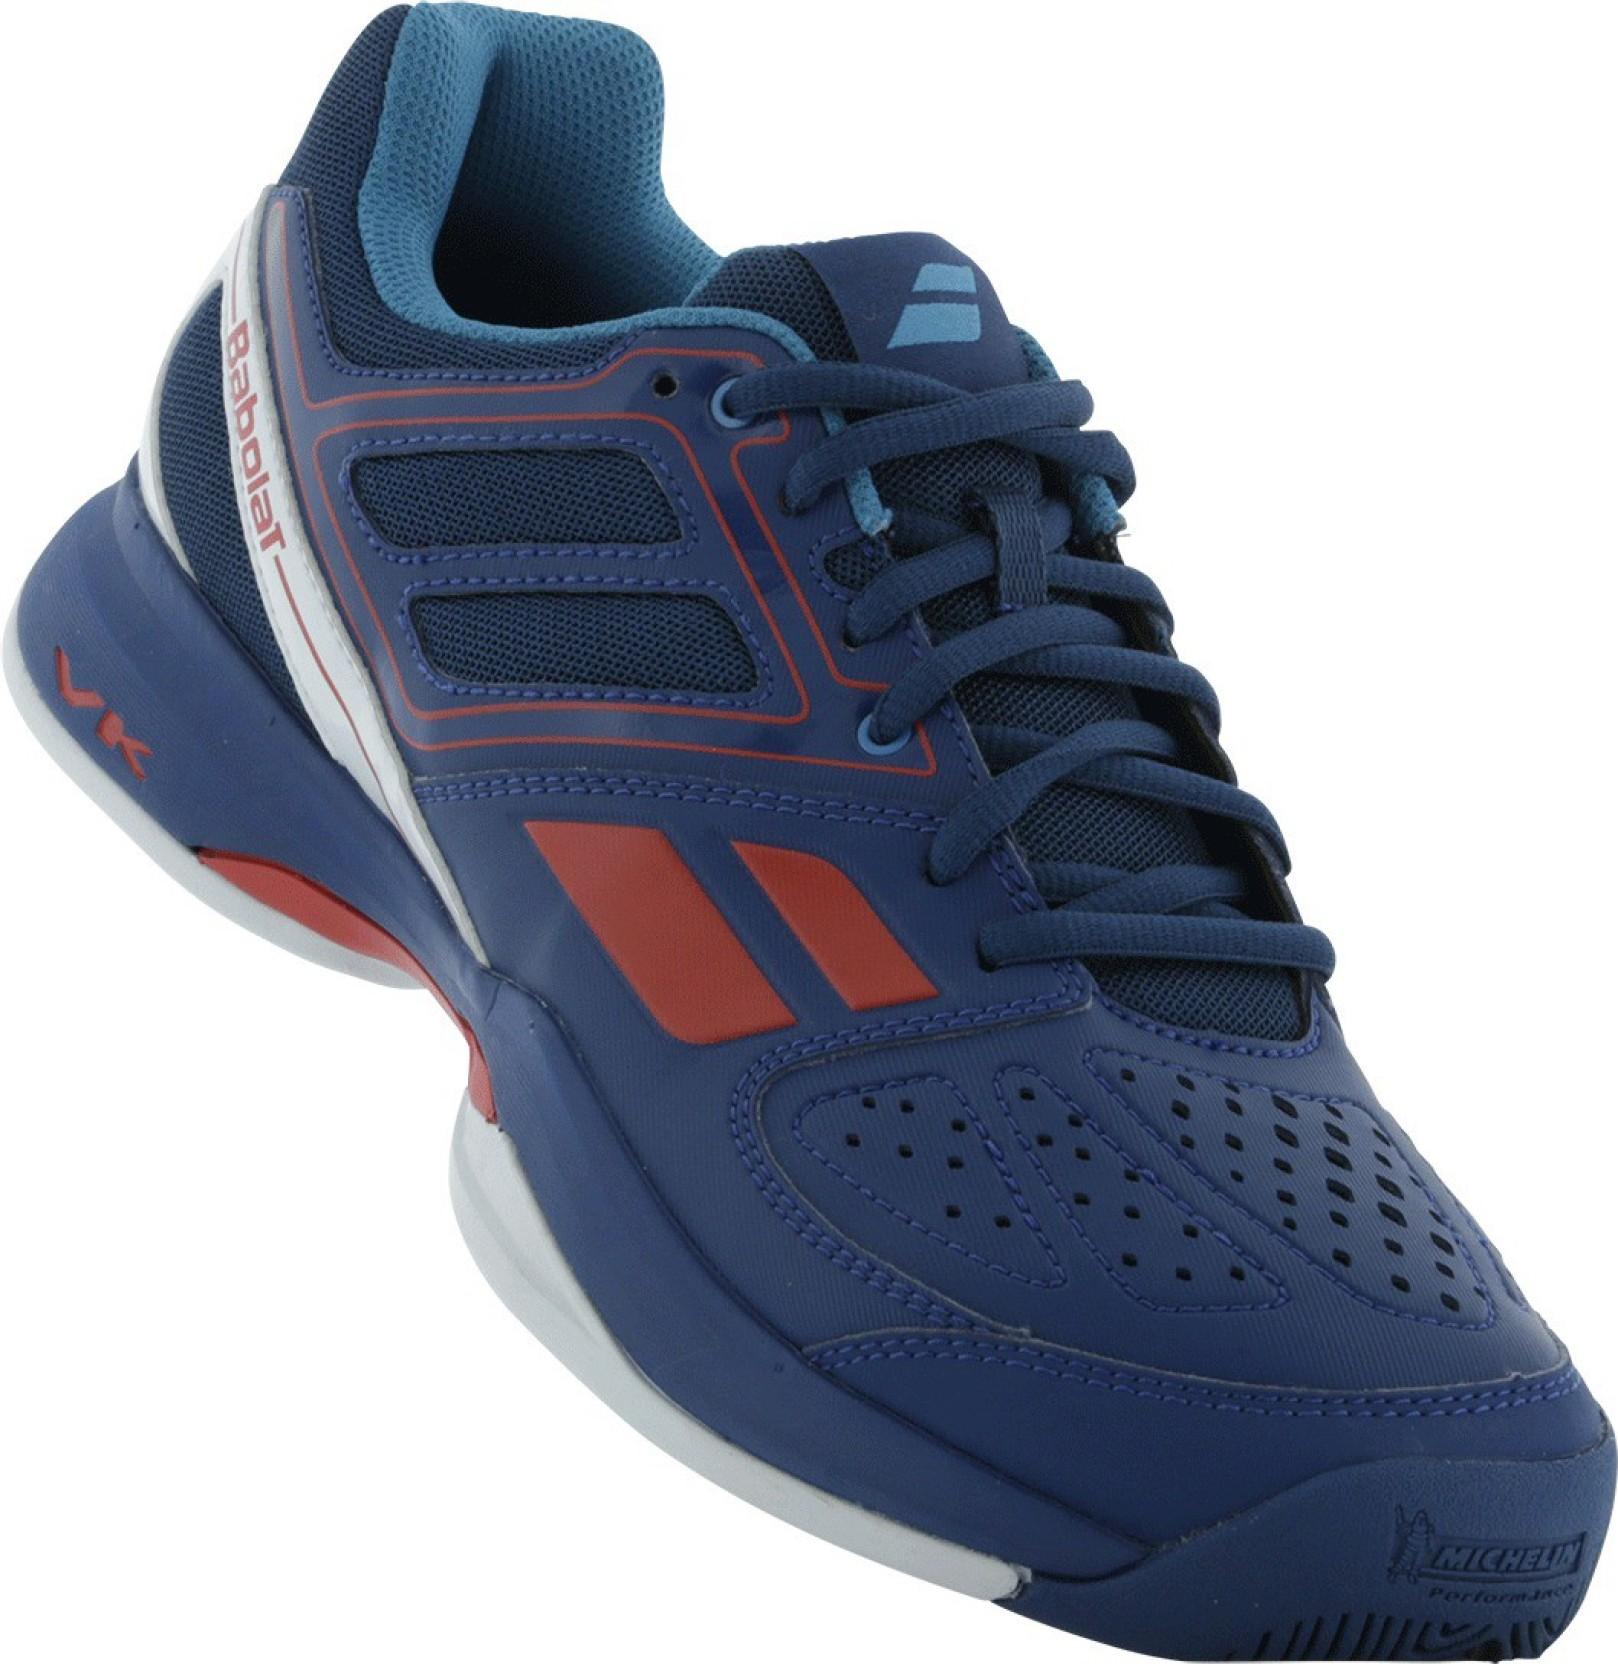 Babolat Pulsion Bpm All Court M Tennis Shoes For Men - Buy Blue ... ebc85c80d6c